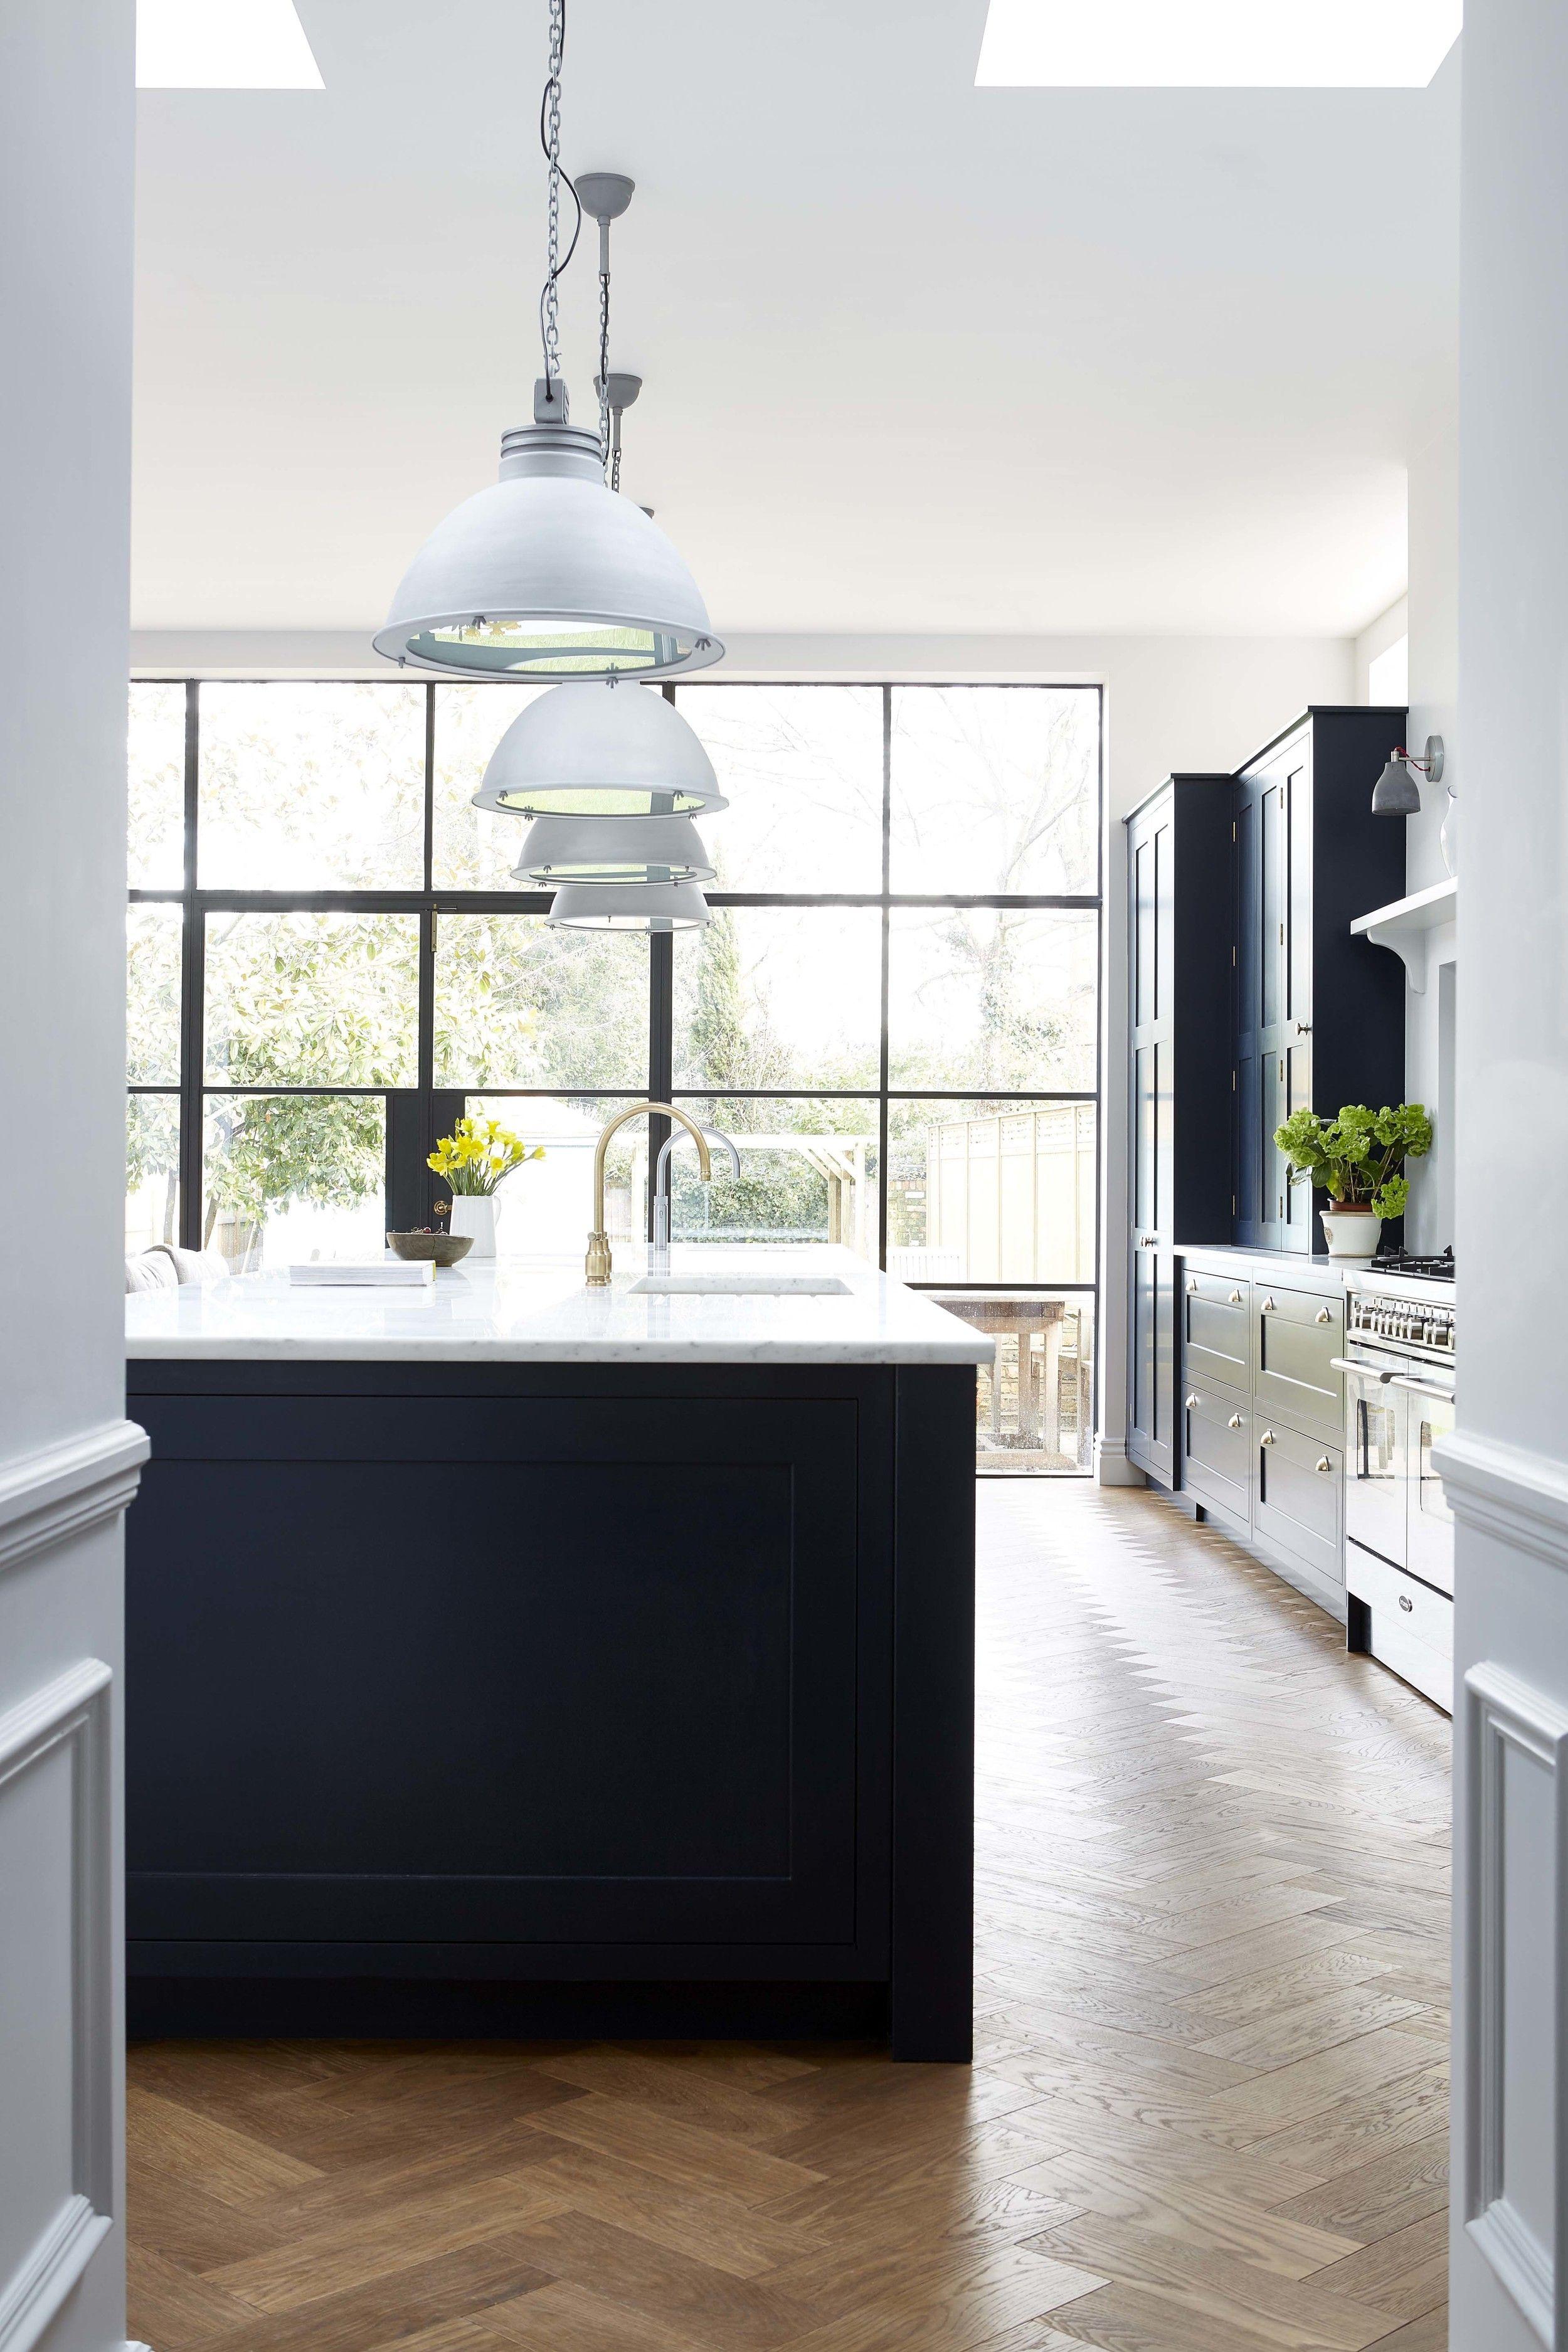 Blakes.9.2.1650746.jpg | Kitchen | Pinterest | Kitchens, Interiors ...